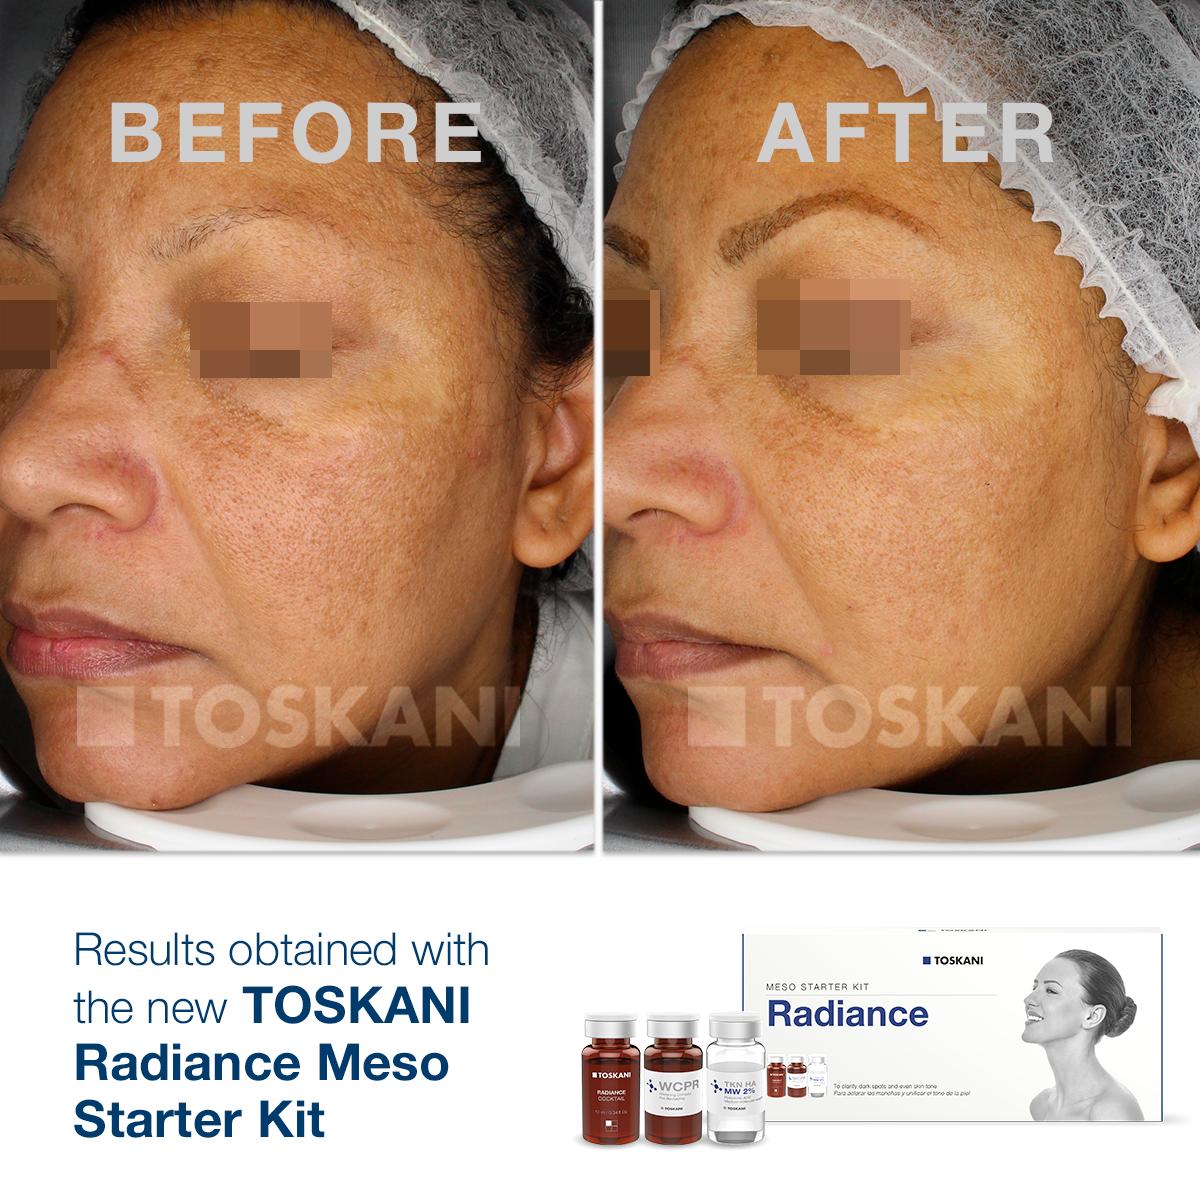 TKN_StarterKit_Radiance3_before-after